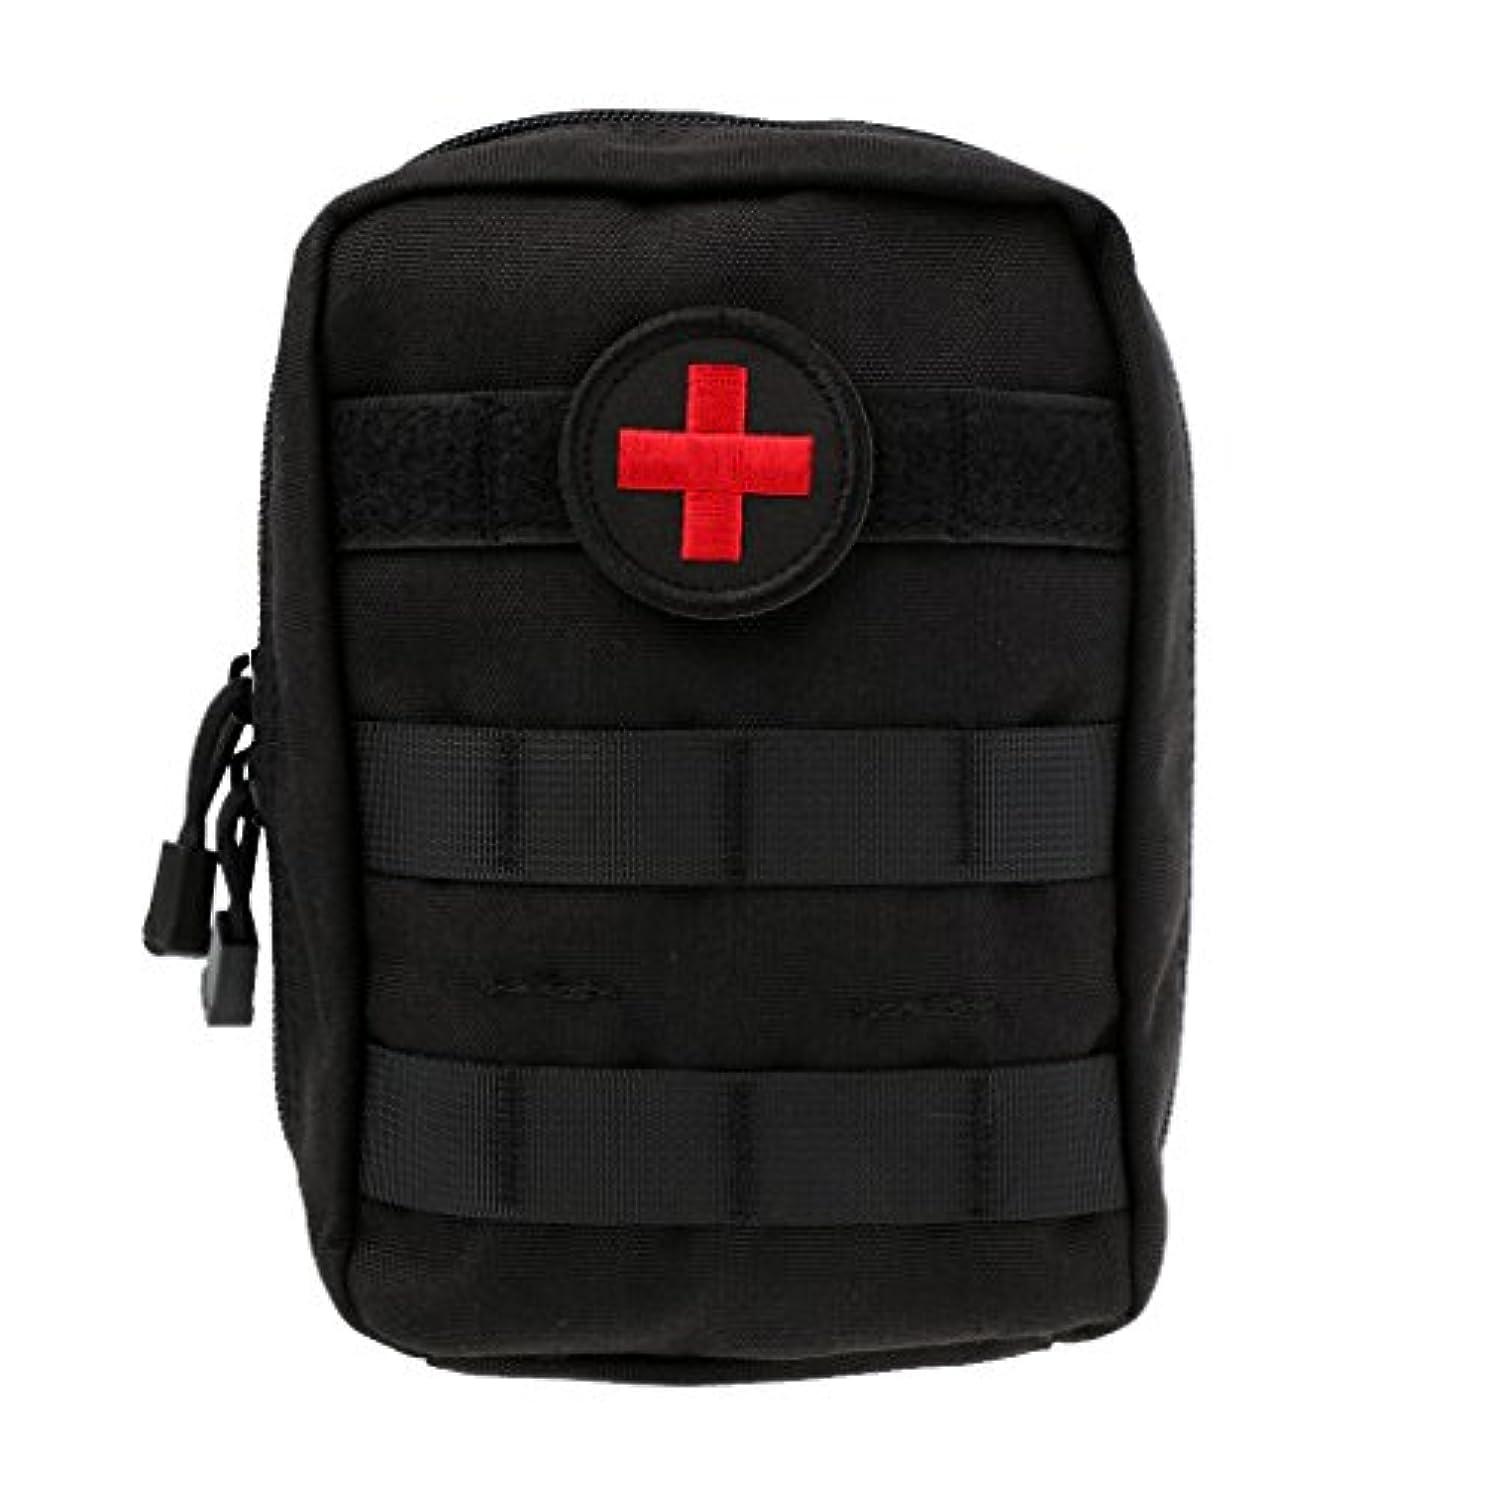 素子確立とげD DOLITY 全3色 ユーティリティポーチ 救急 バッグ ナイロン スポーツケア用品 救急箱